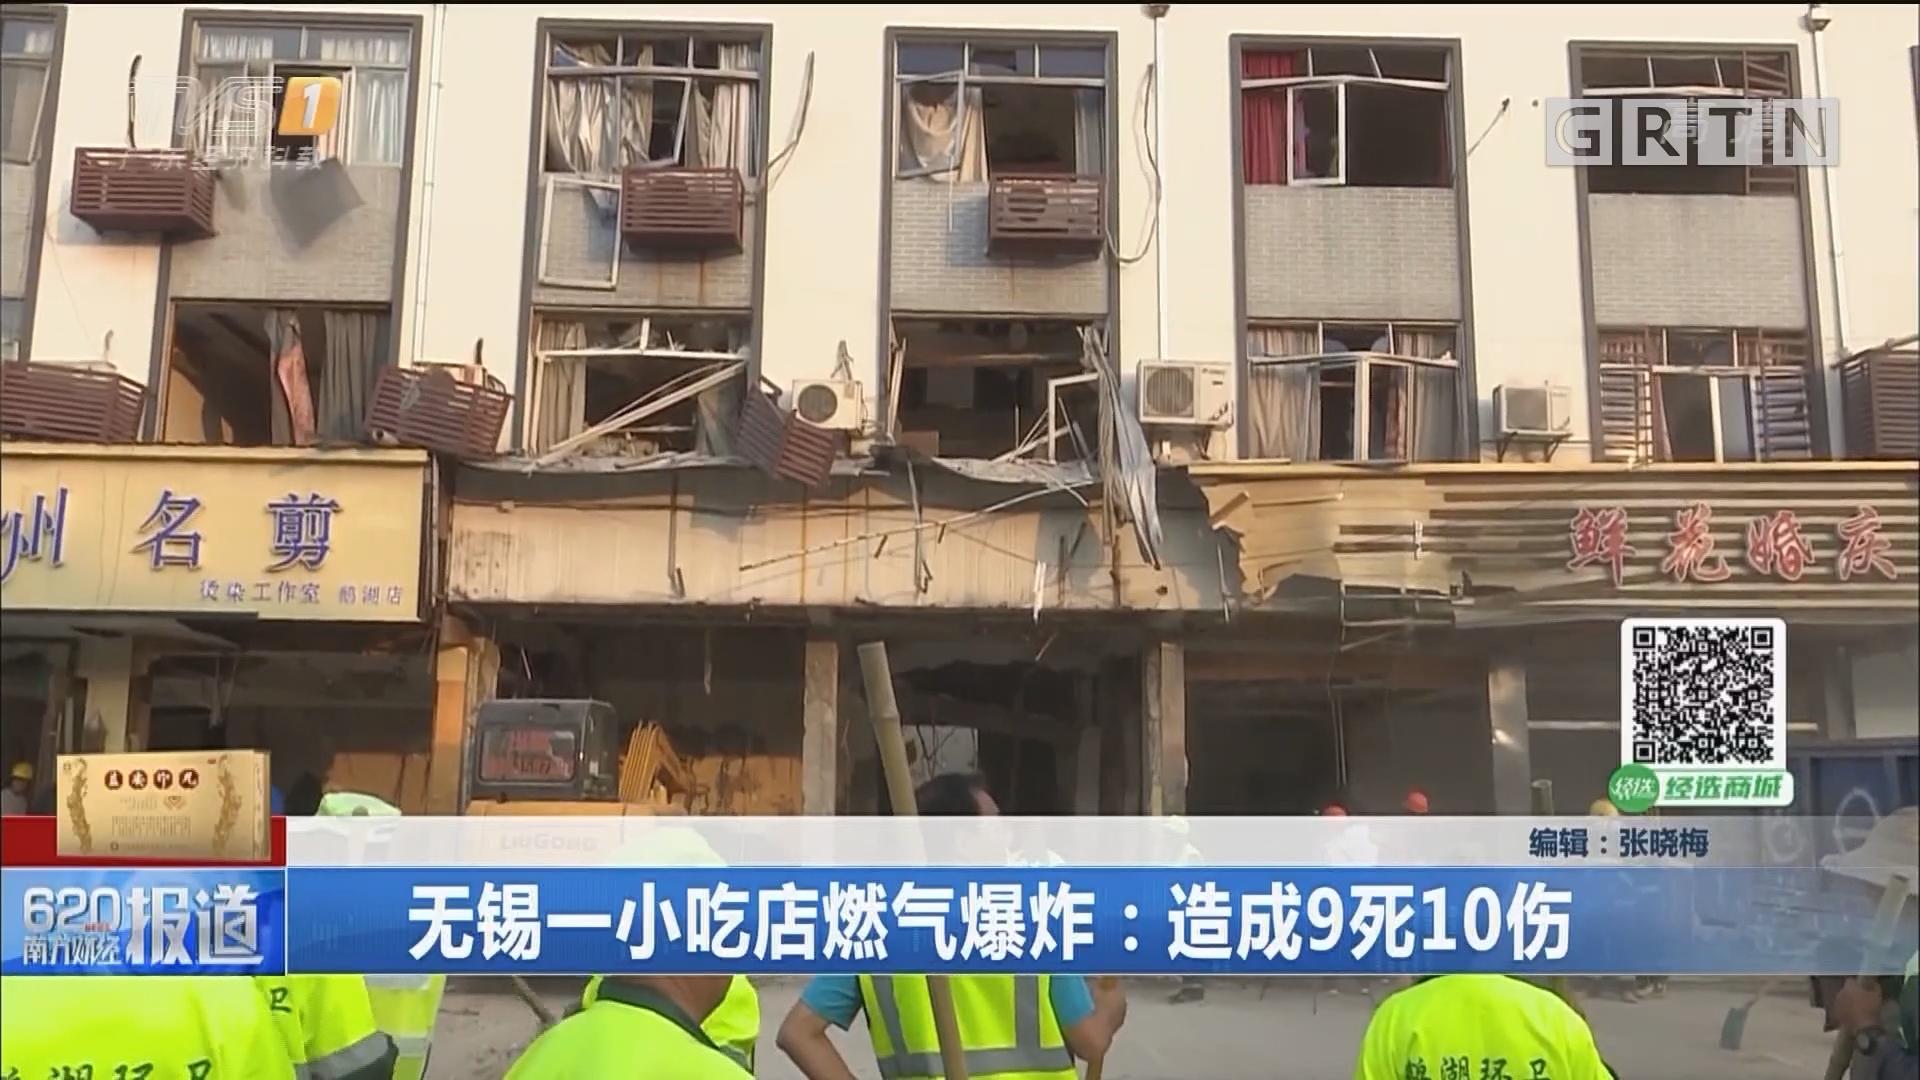 无锡一小吃店燃气爆炸:造成9死10伤